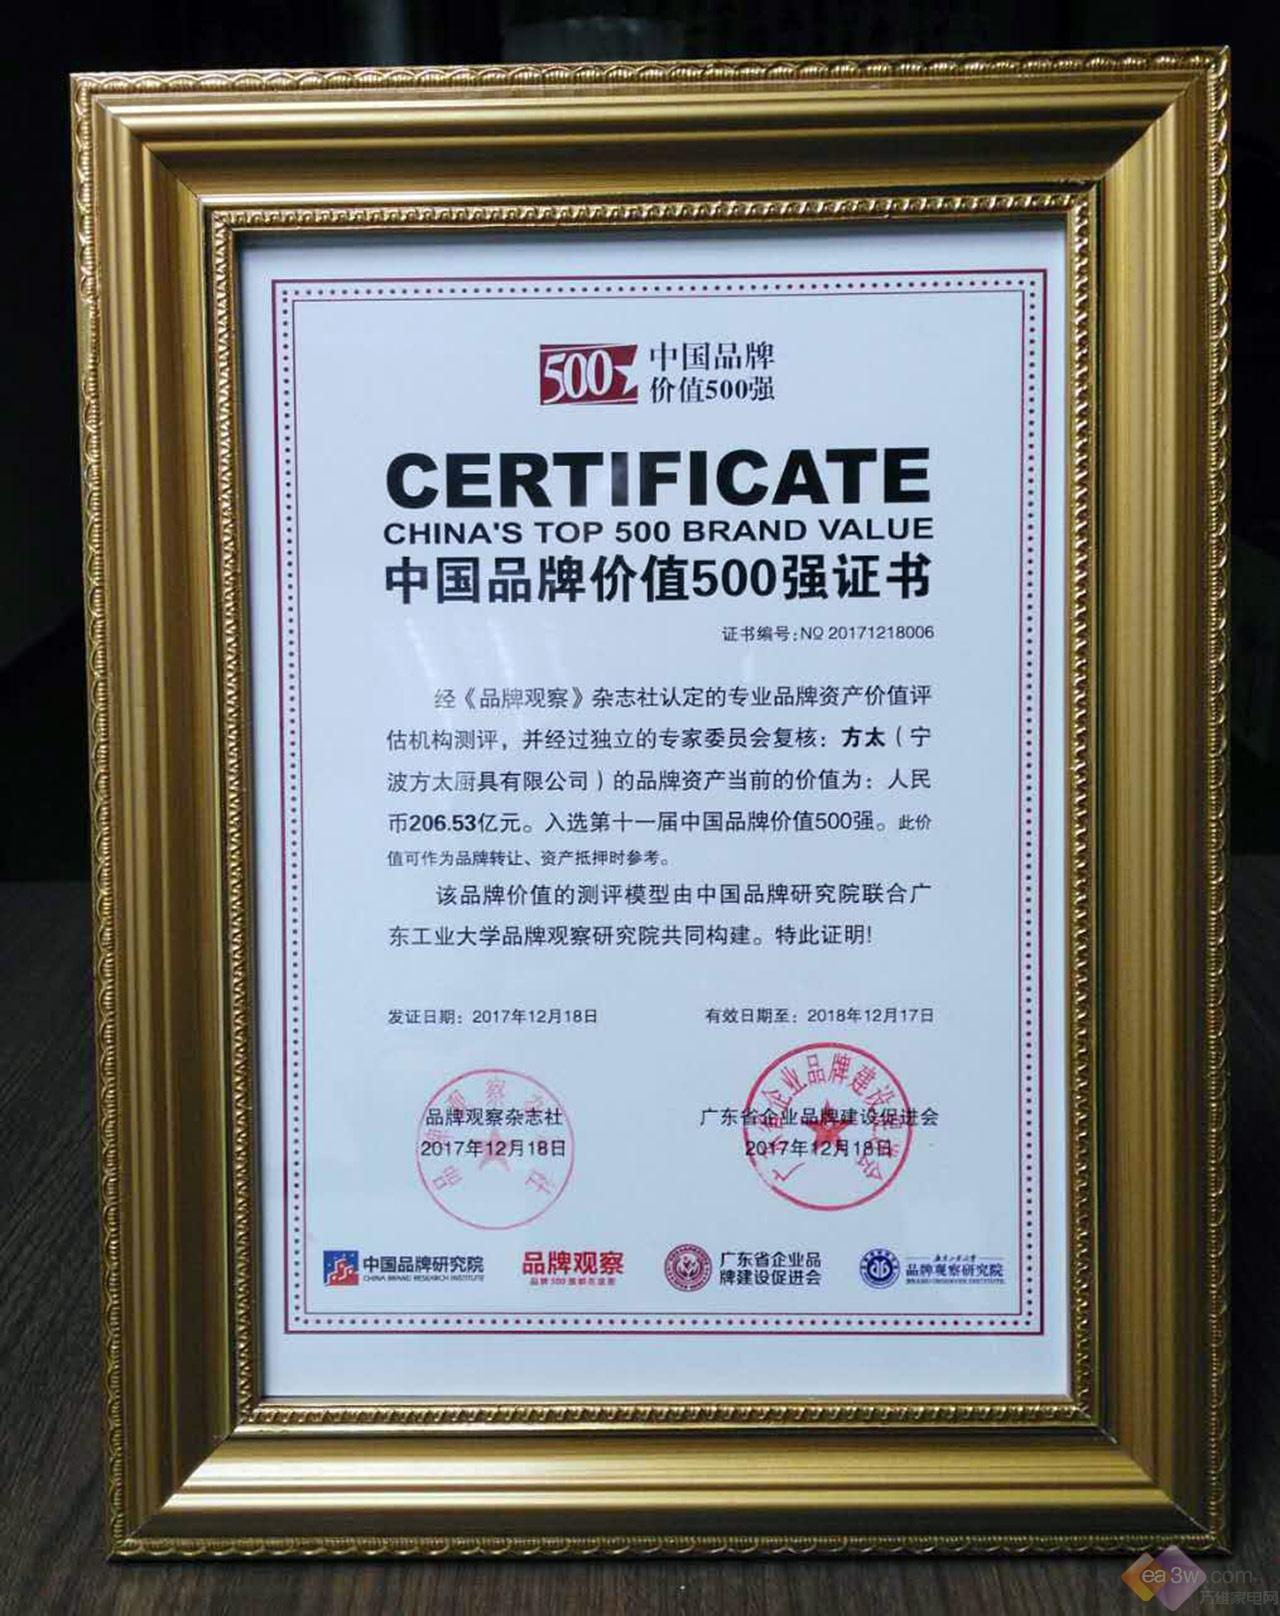 206.53亿!方太摘取中国品牌价值500强厨电行业第一宝座